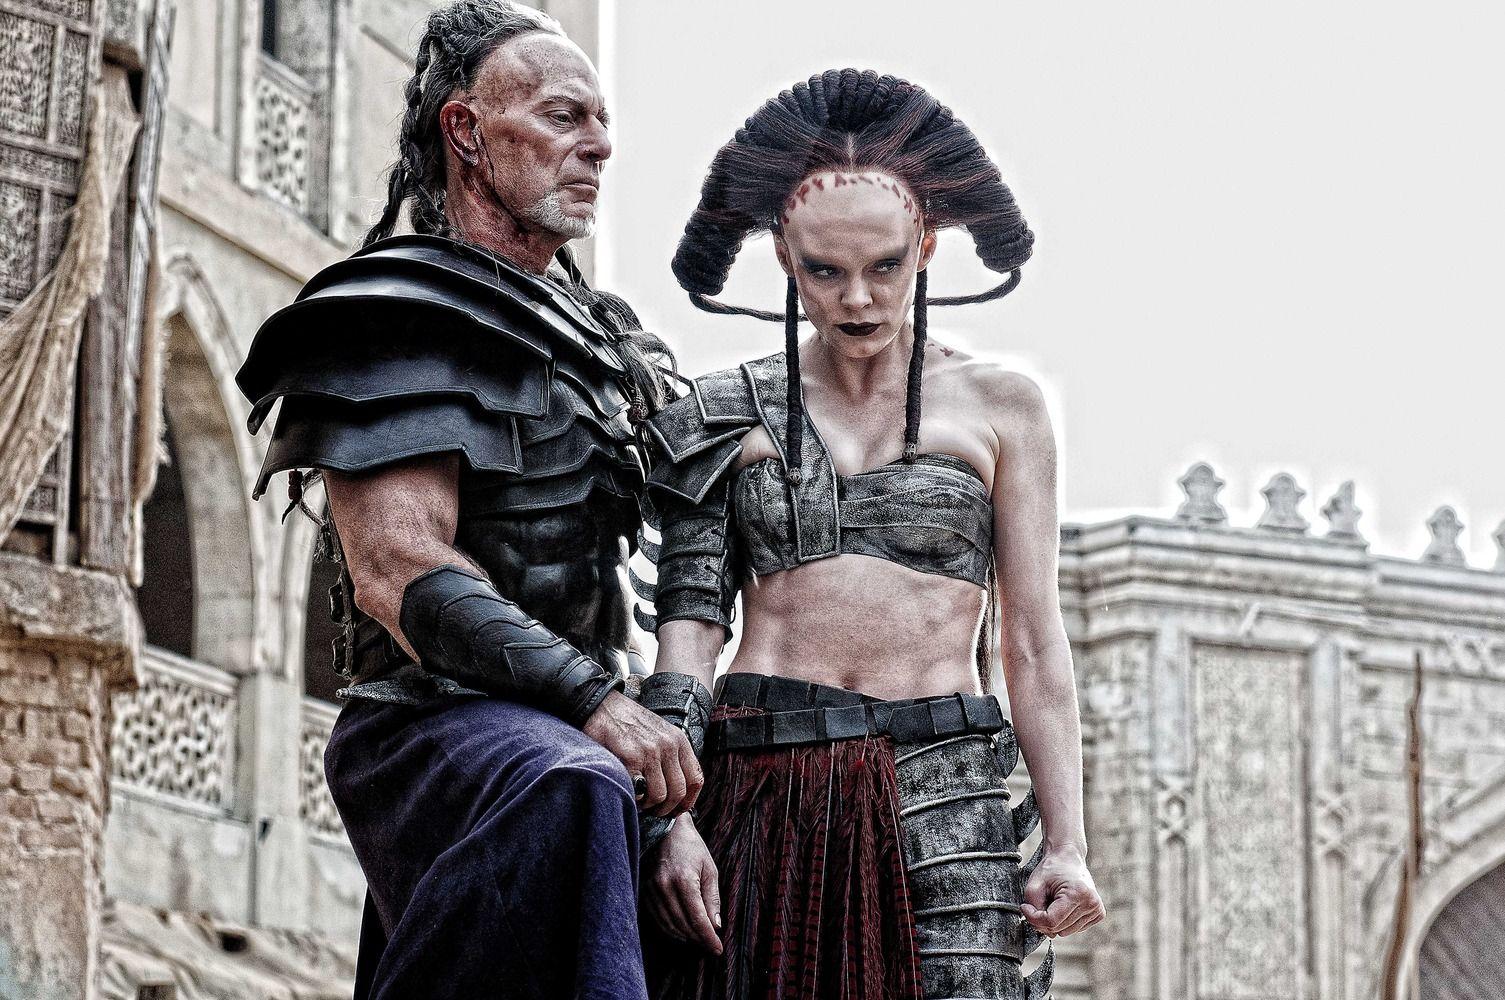 Rose McGowan as Marique - Conan the Barbarian (2011